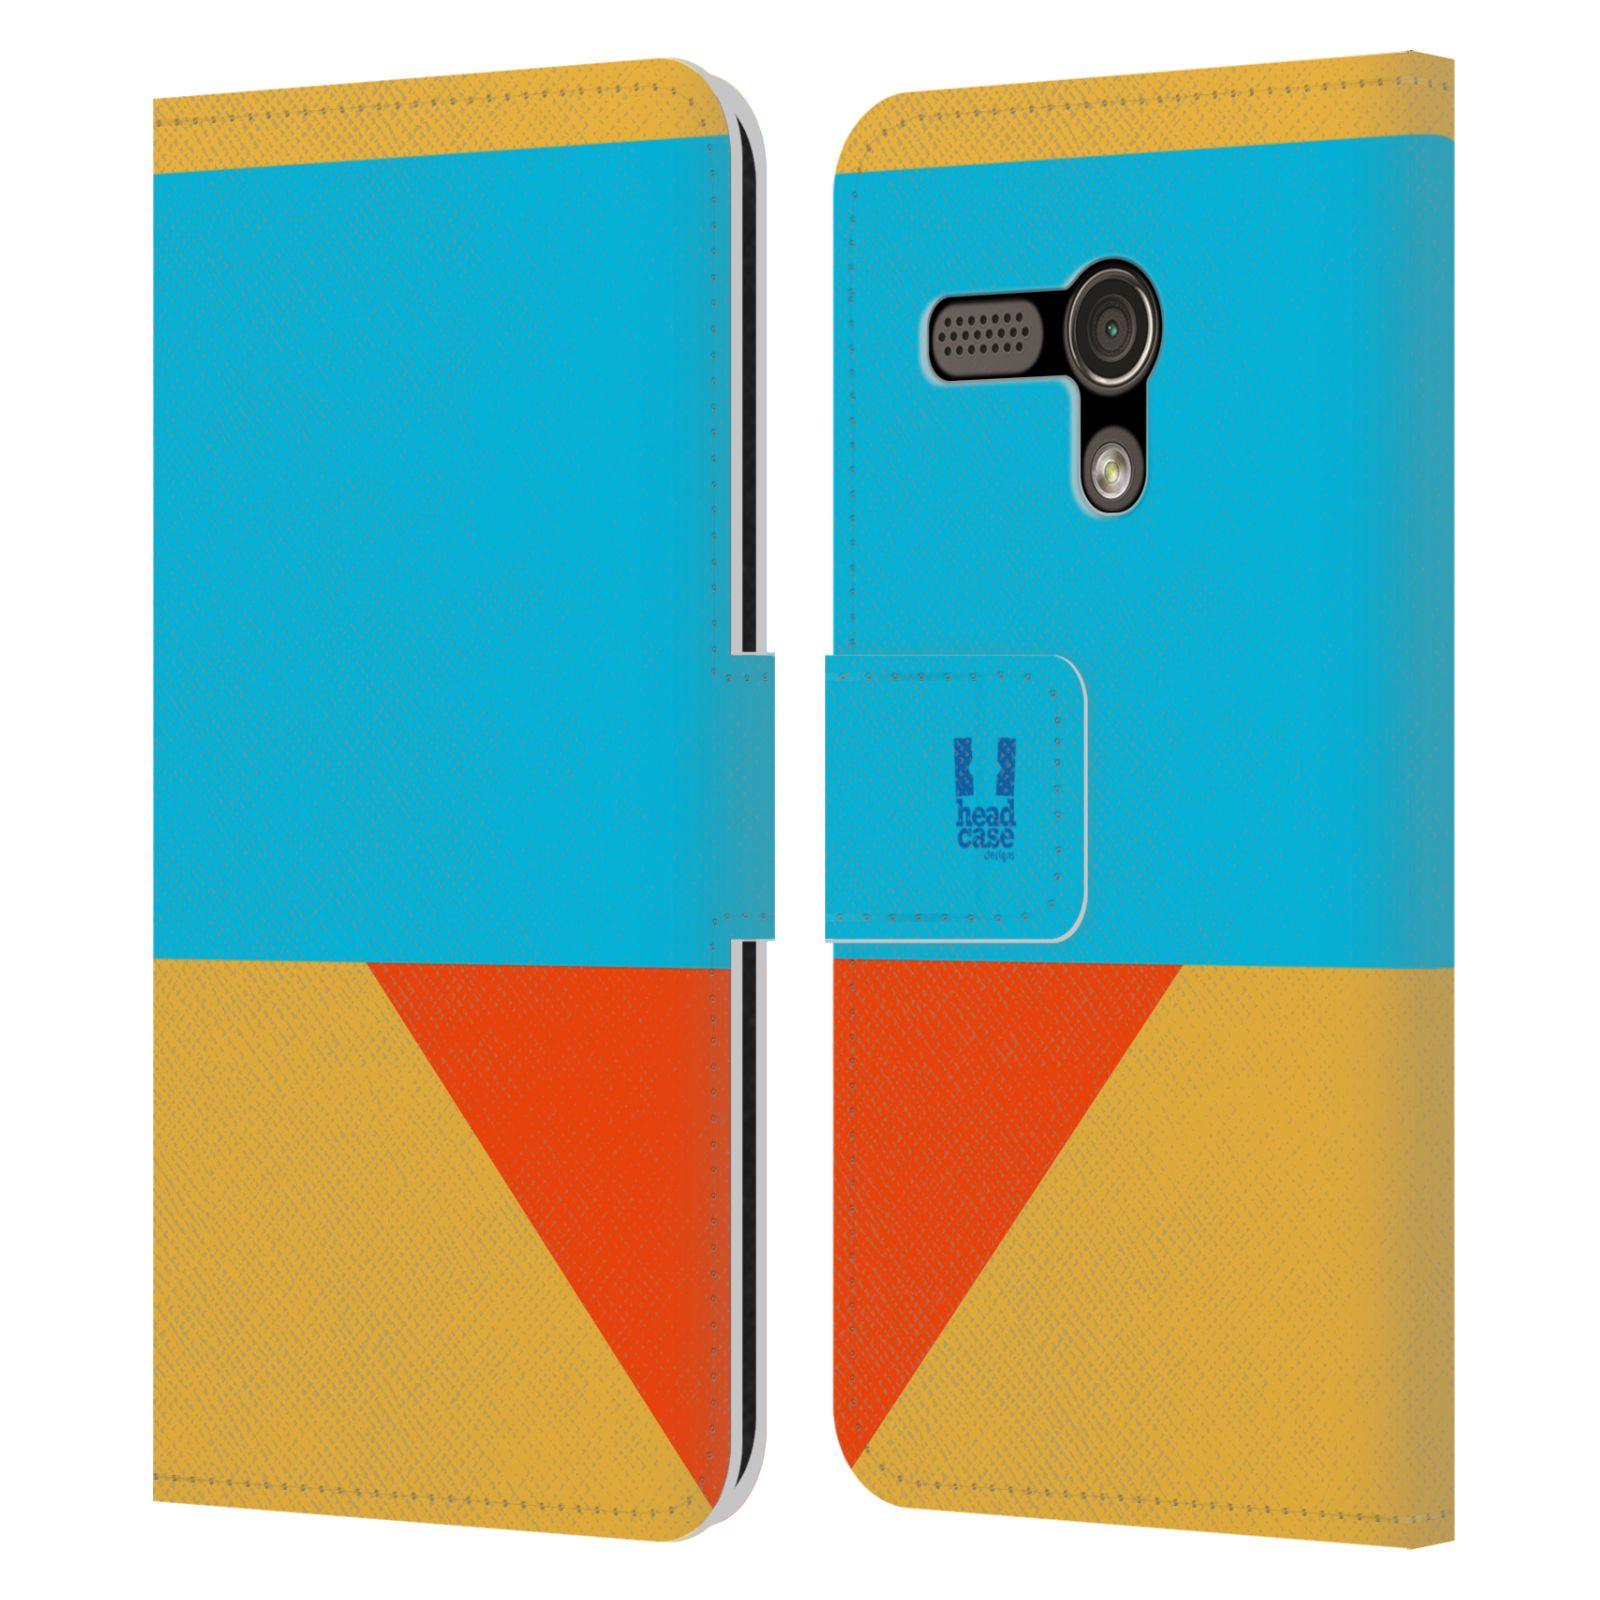 HEAD CASE Flipové pouzdro pro mobil Motorola MOTO G barevné tvary béžová a modrá DAY WEAR